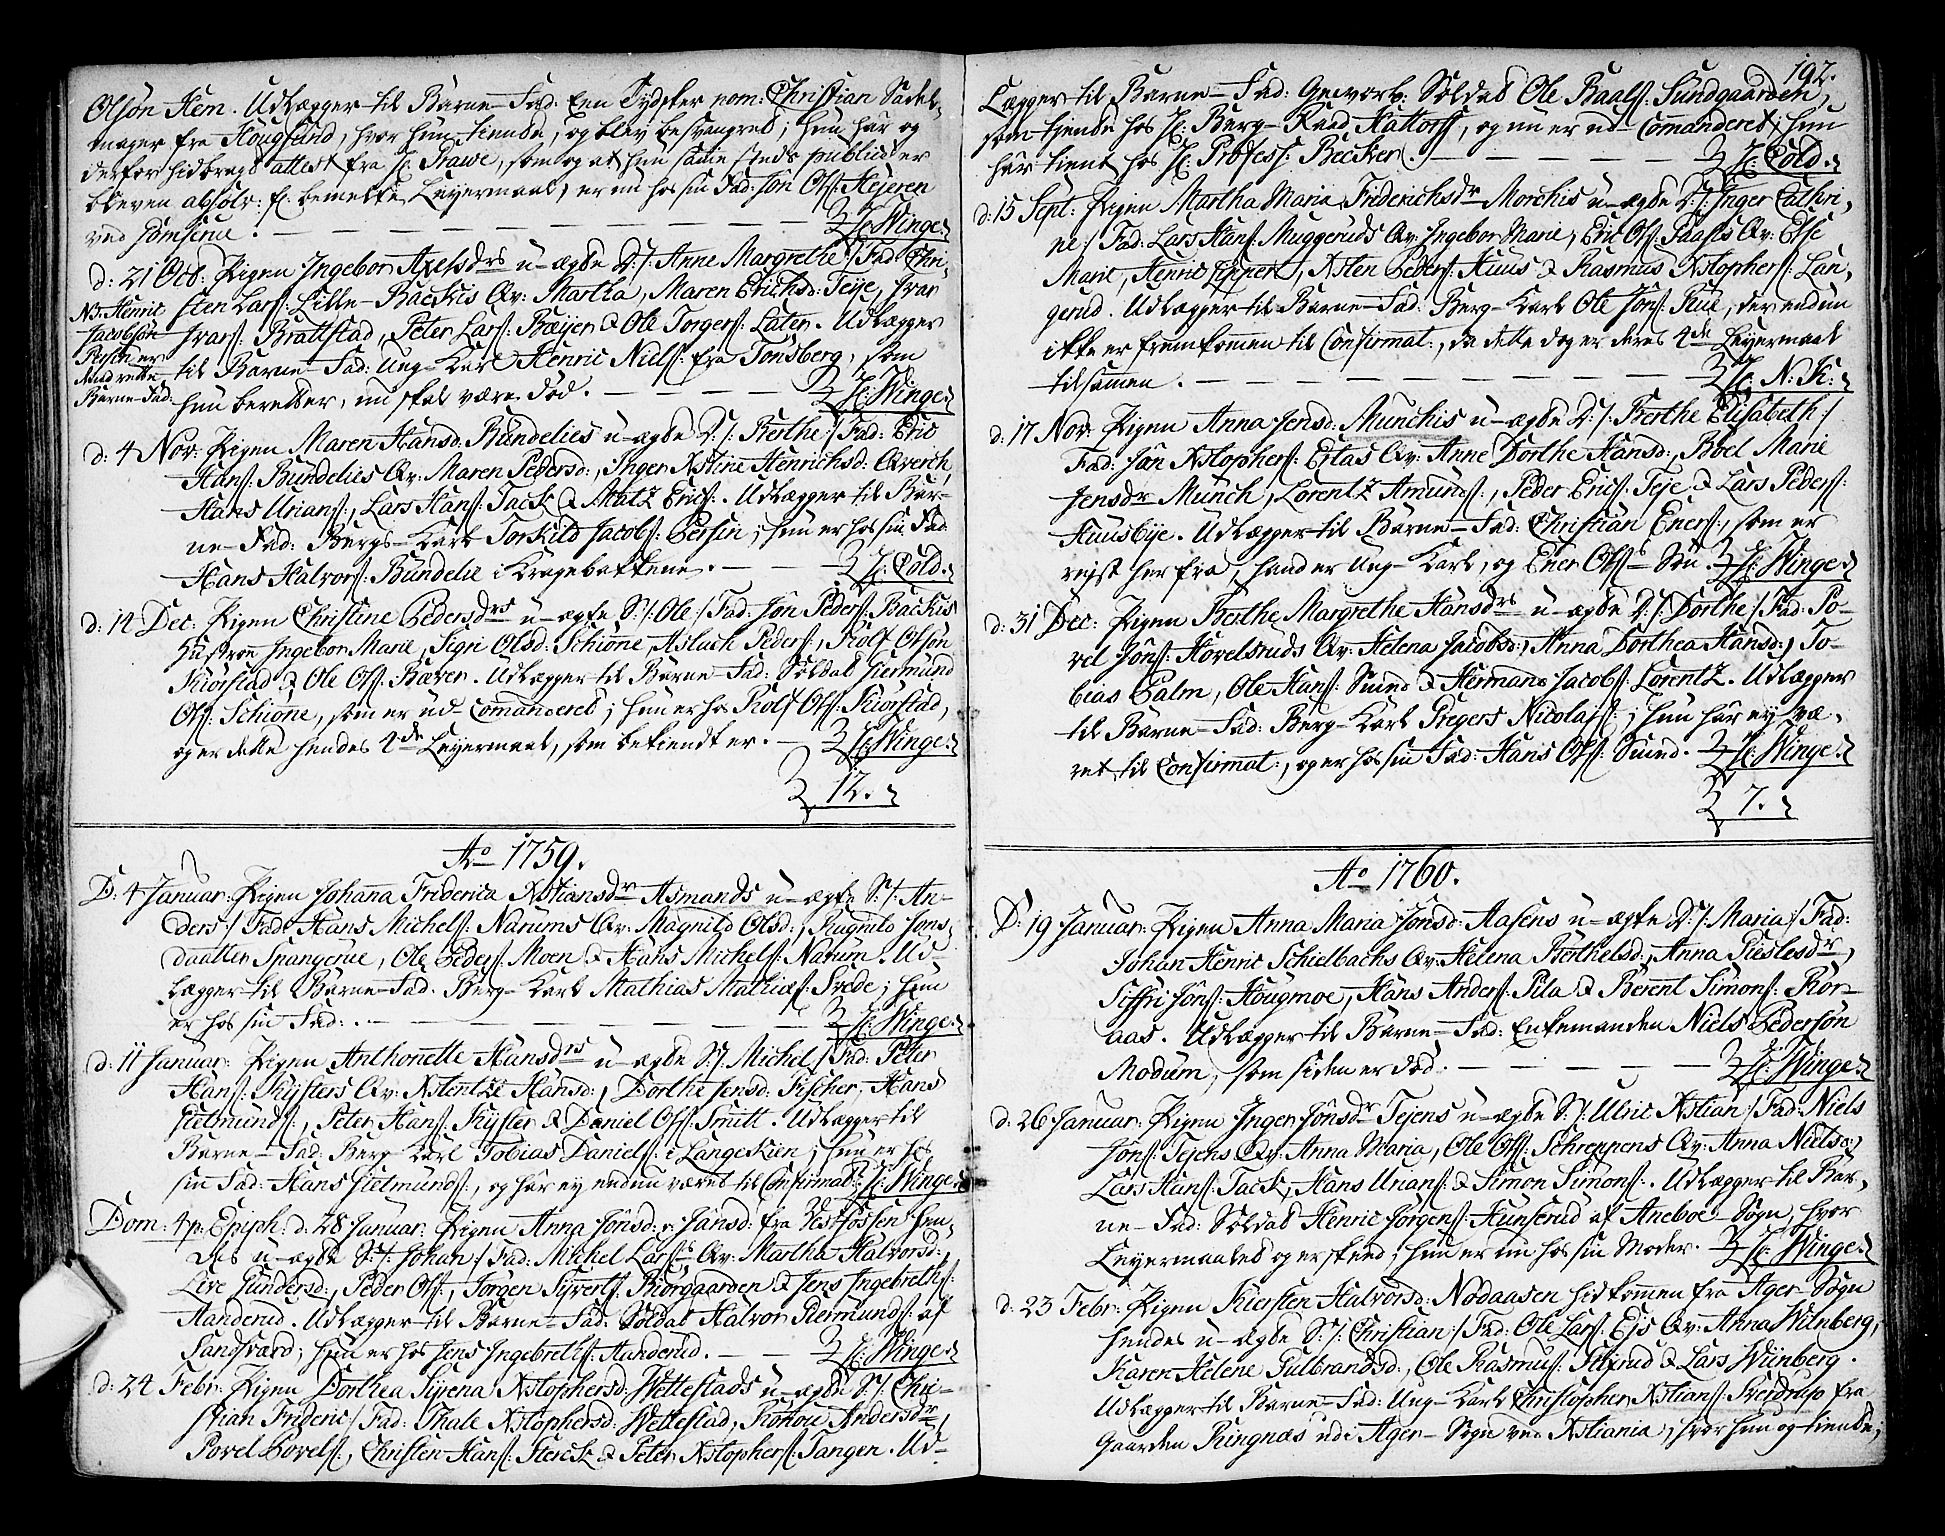 SAKO, Kongsberg kirkebøker, F/Fa/L0004: Ministerialbok nr. I 4, 1756-1768, s. 192